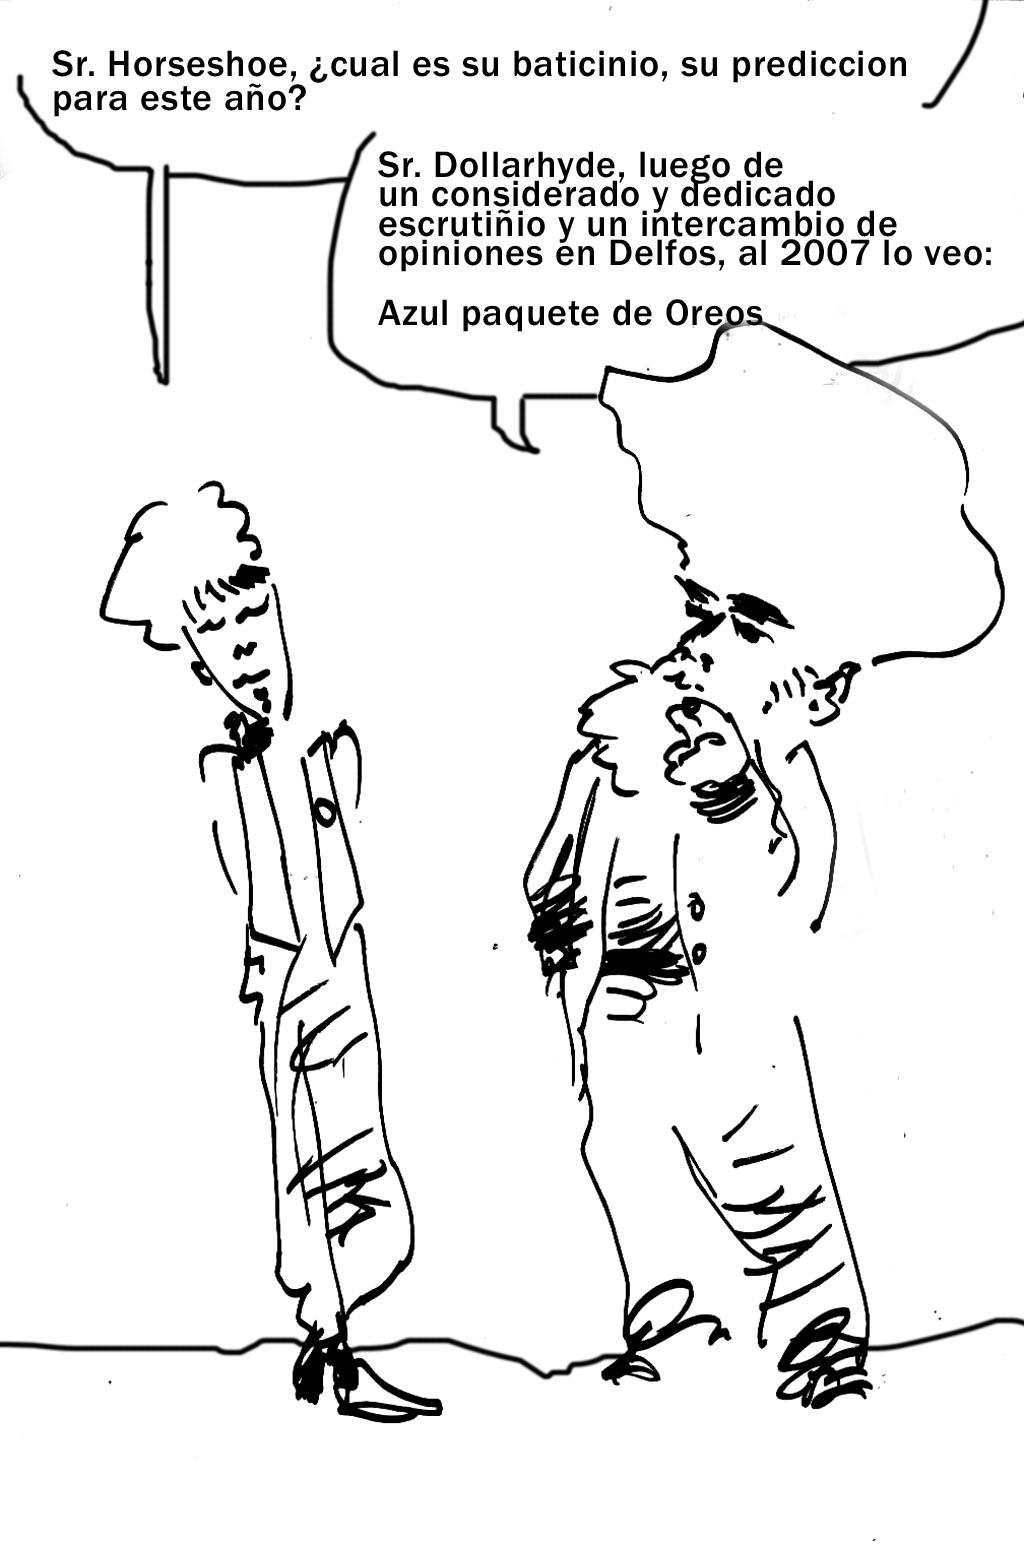 [2007.jpg]